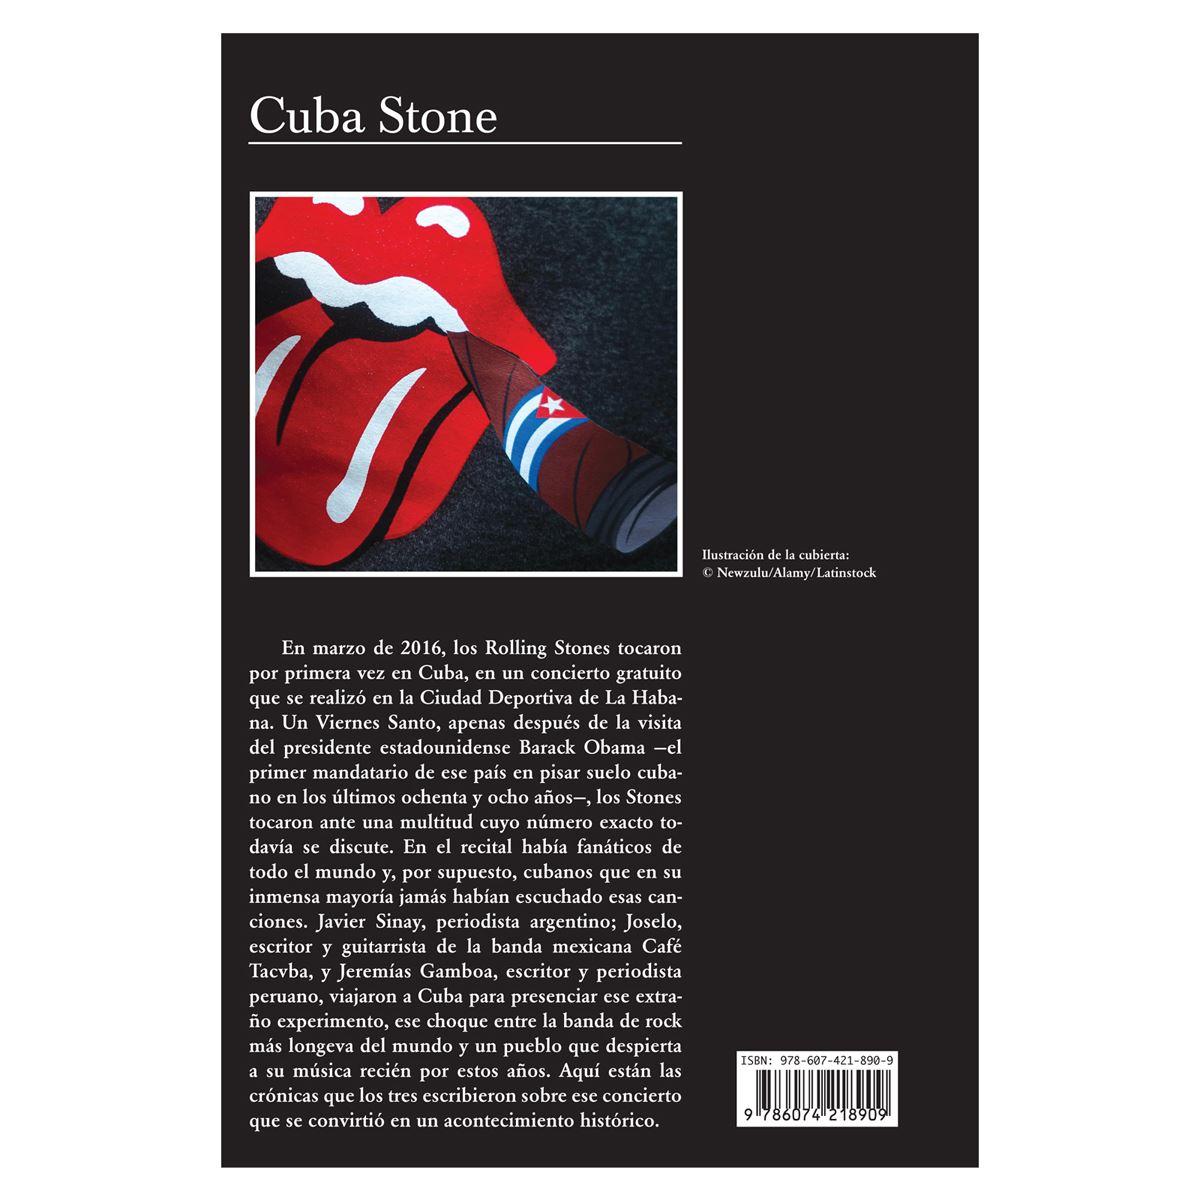 Cuba Stone